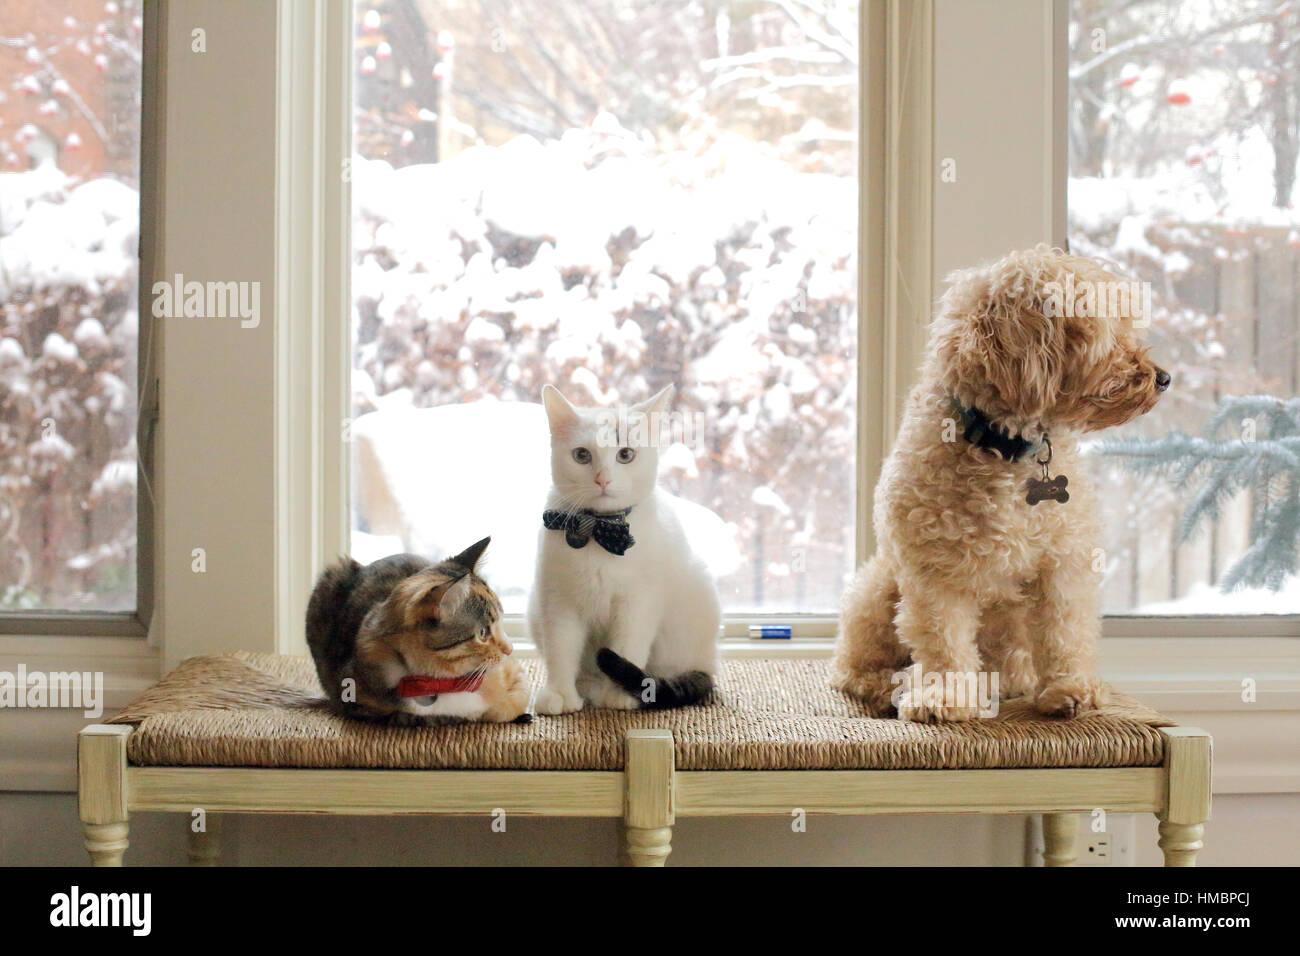 Drei Tiere, zwei Katzen und ein Hund auf einer Bank in einem lichtdurchfluteten Raum zu interagieren. Die Tiere Stockfoto